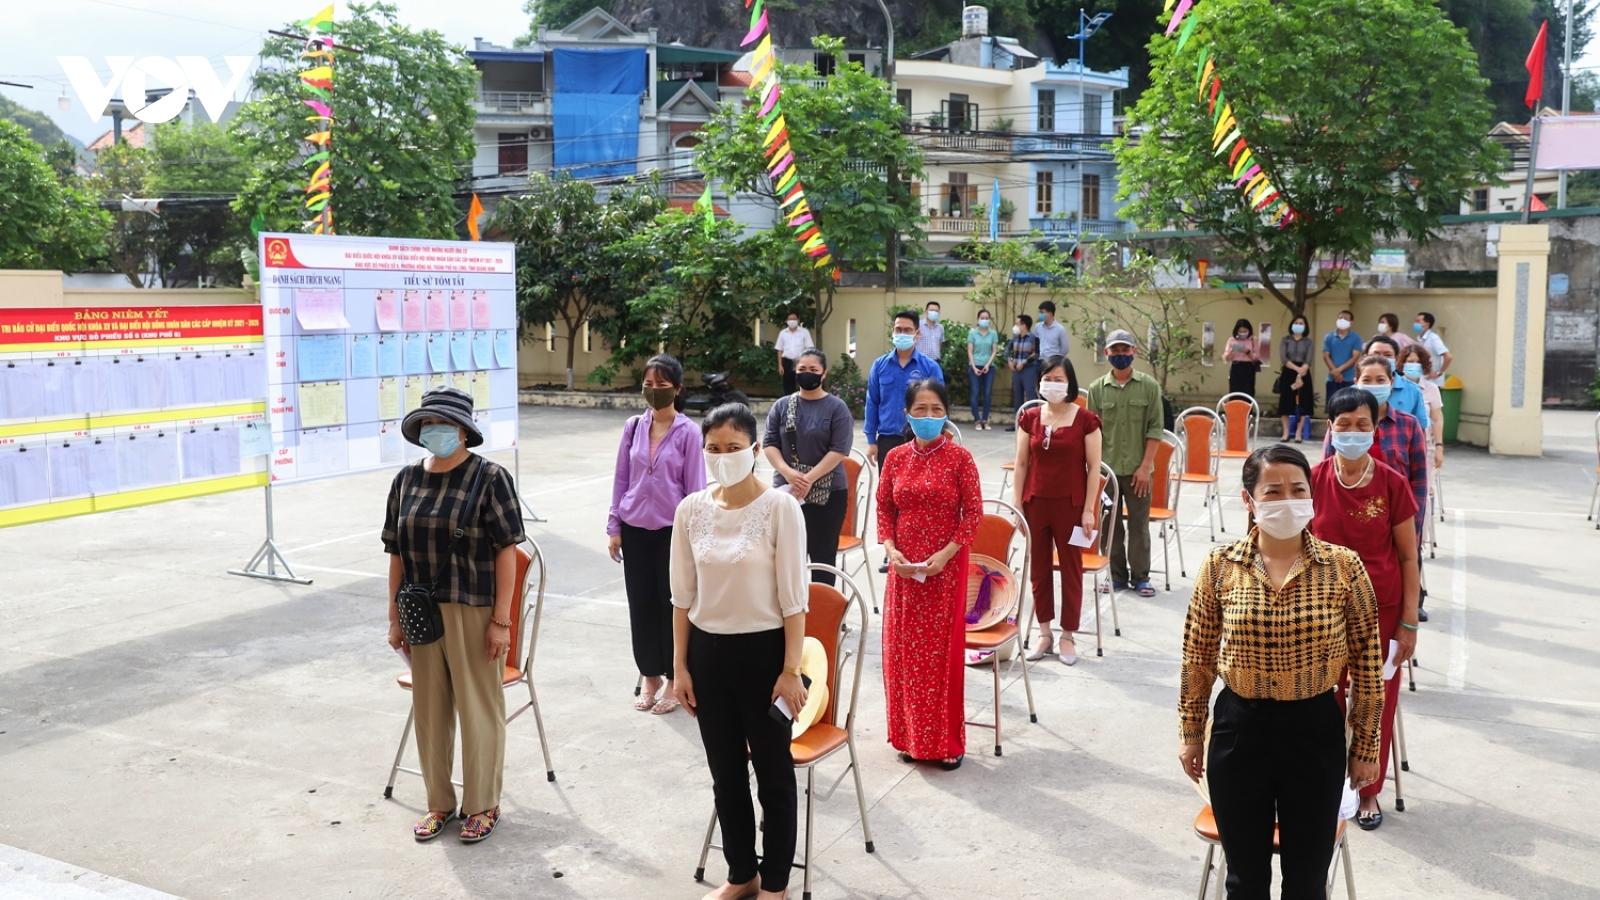 Quảng Ninh diễn tập tổ chức bầu cử trong khu dân cư phong tỏa do Covid-19